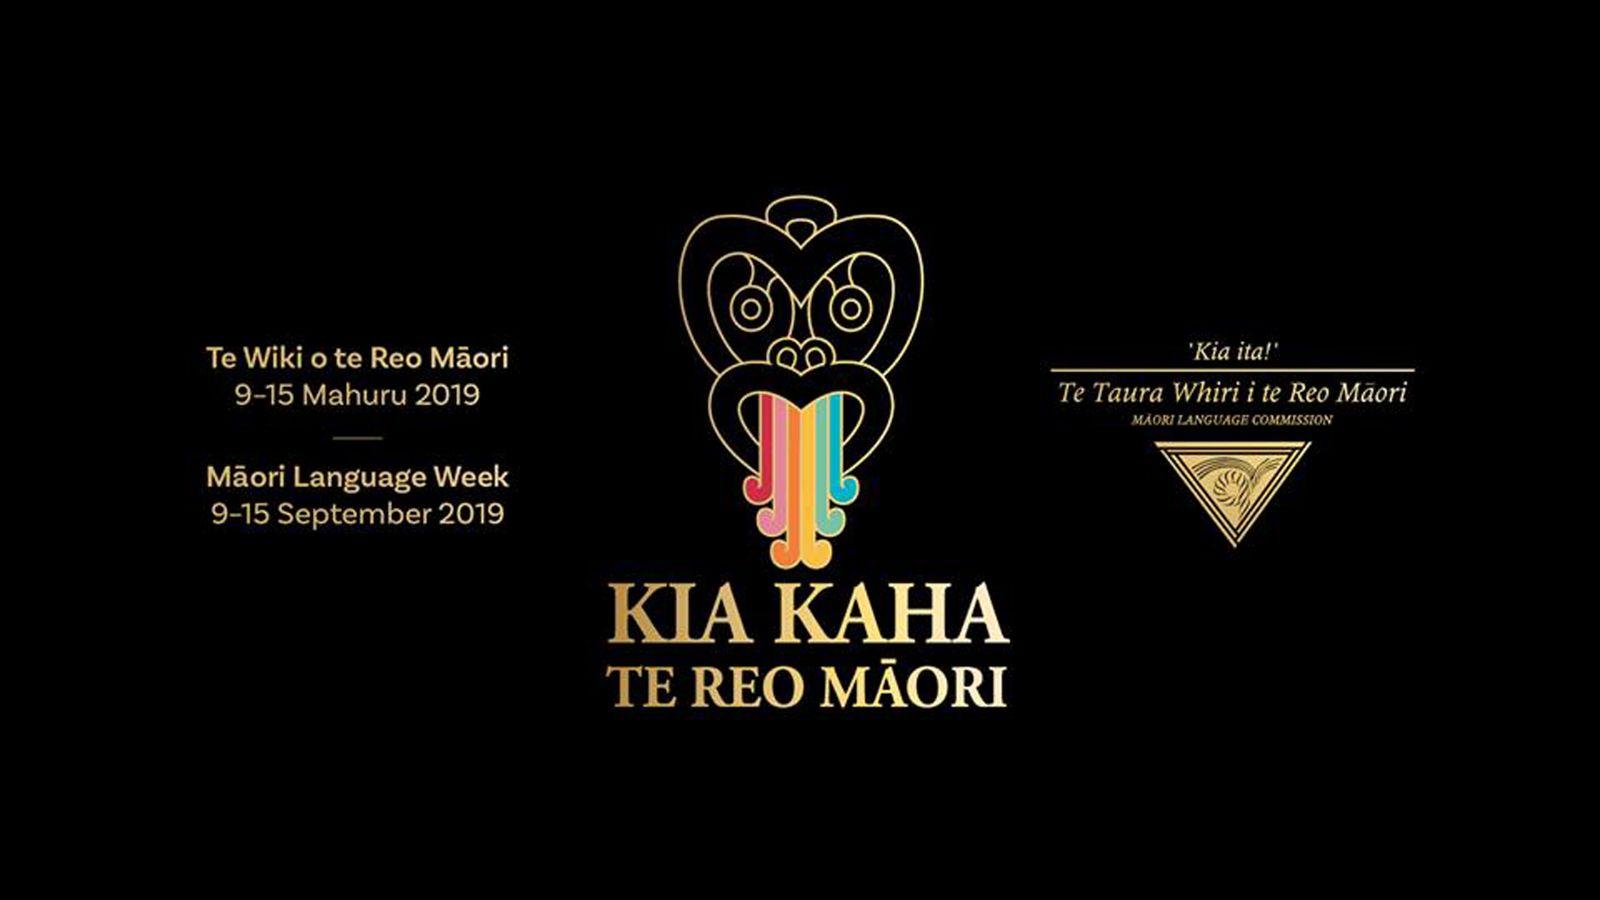 Te Wiki o te reo Māori baner.